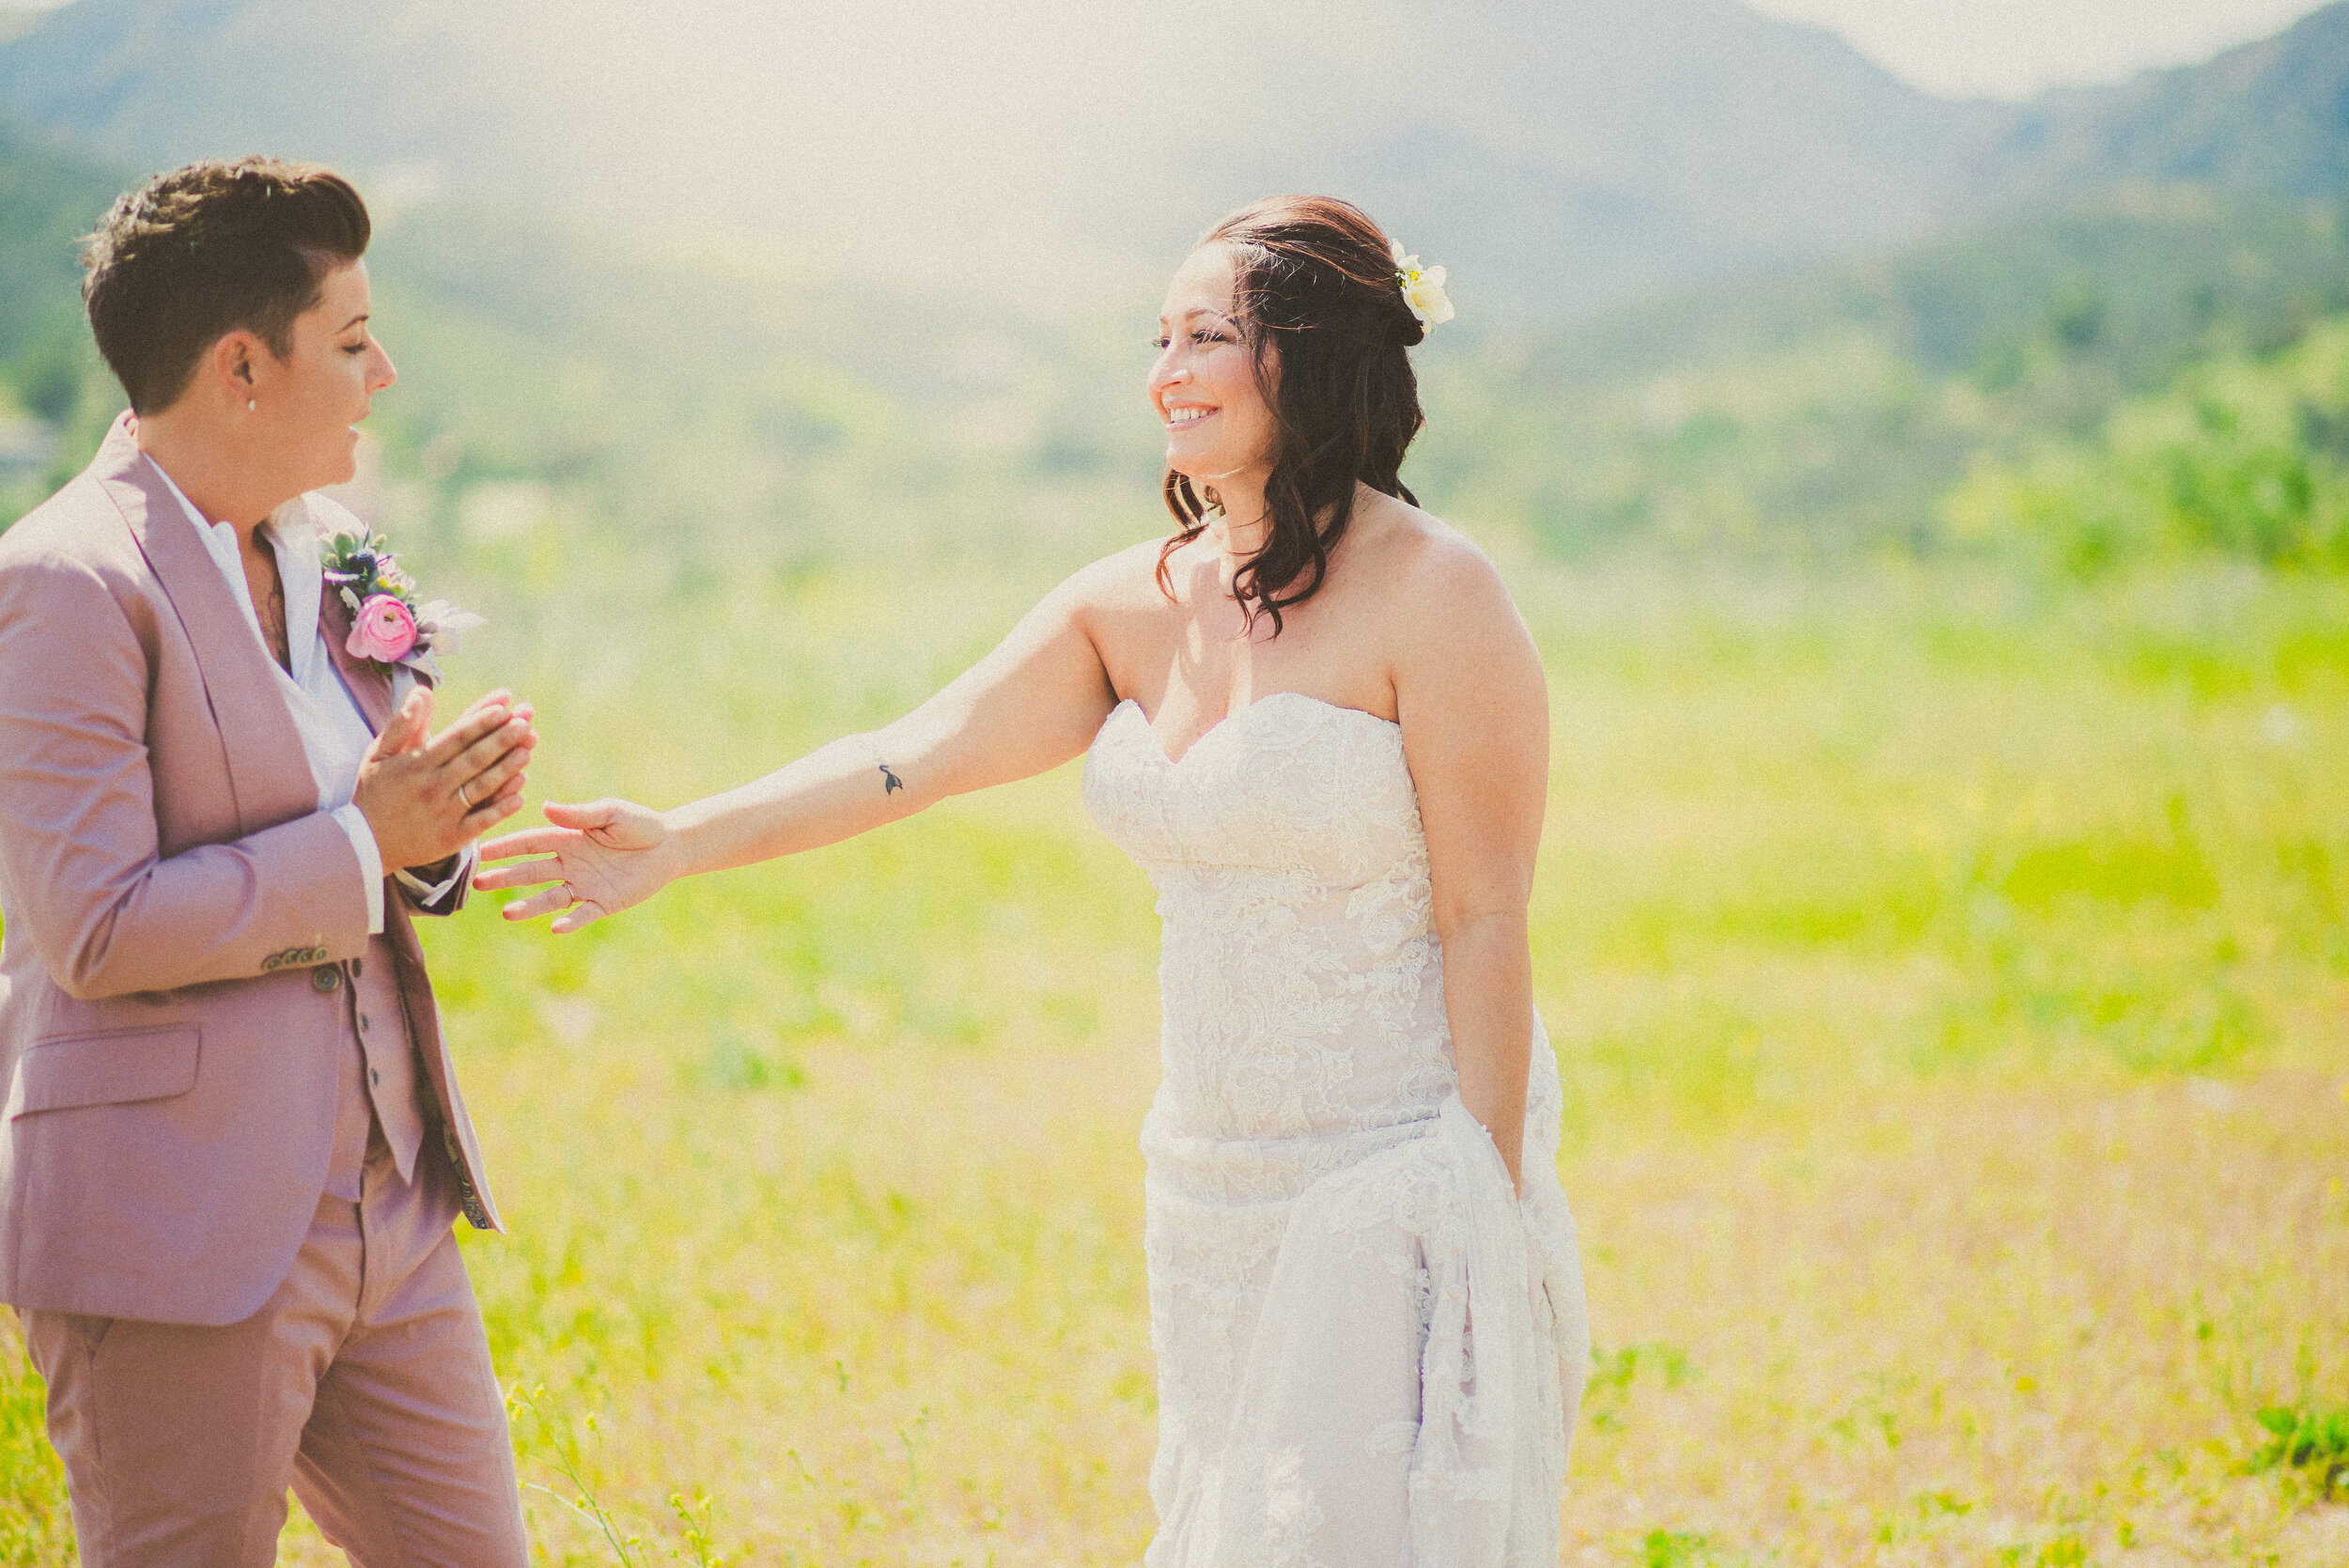 Demiglio Wedding - First Look-5.jpg